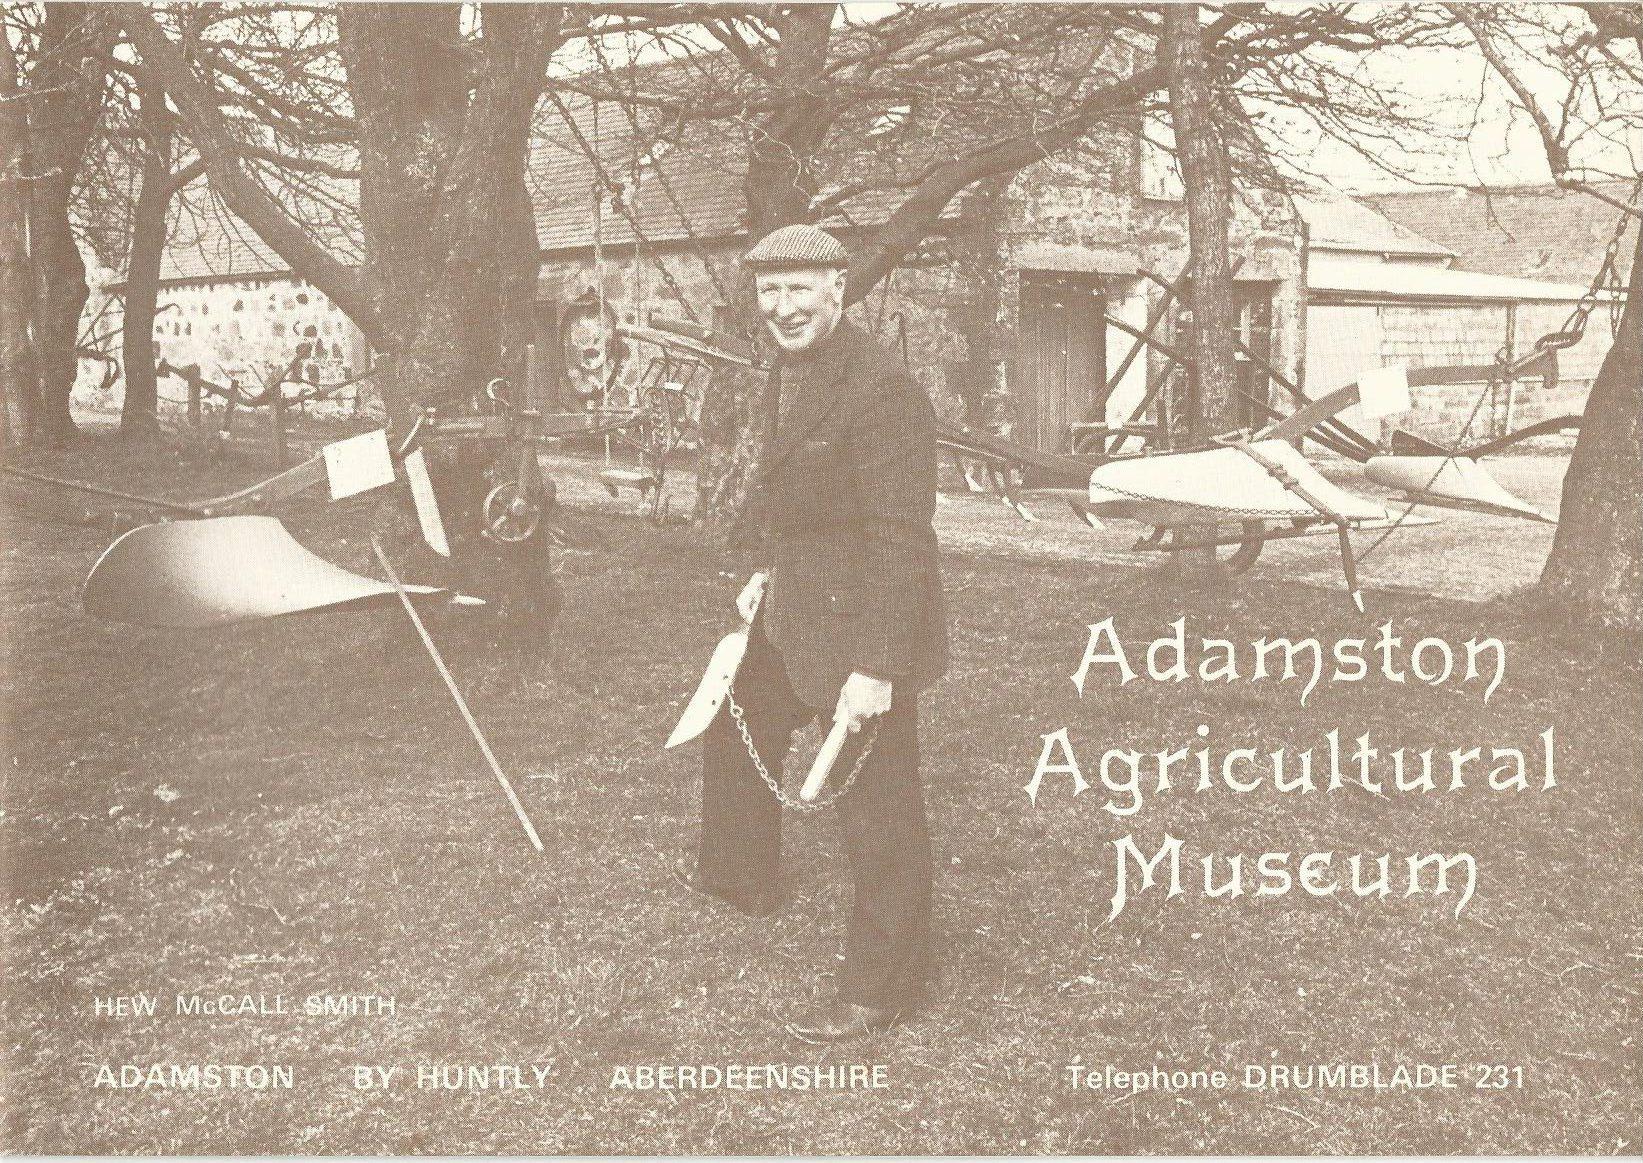 Adamston Agricultural Museum